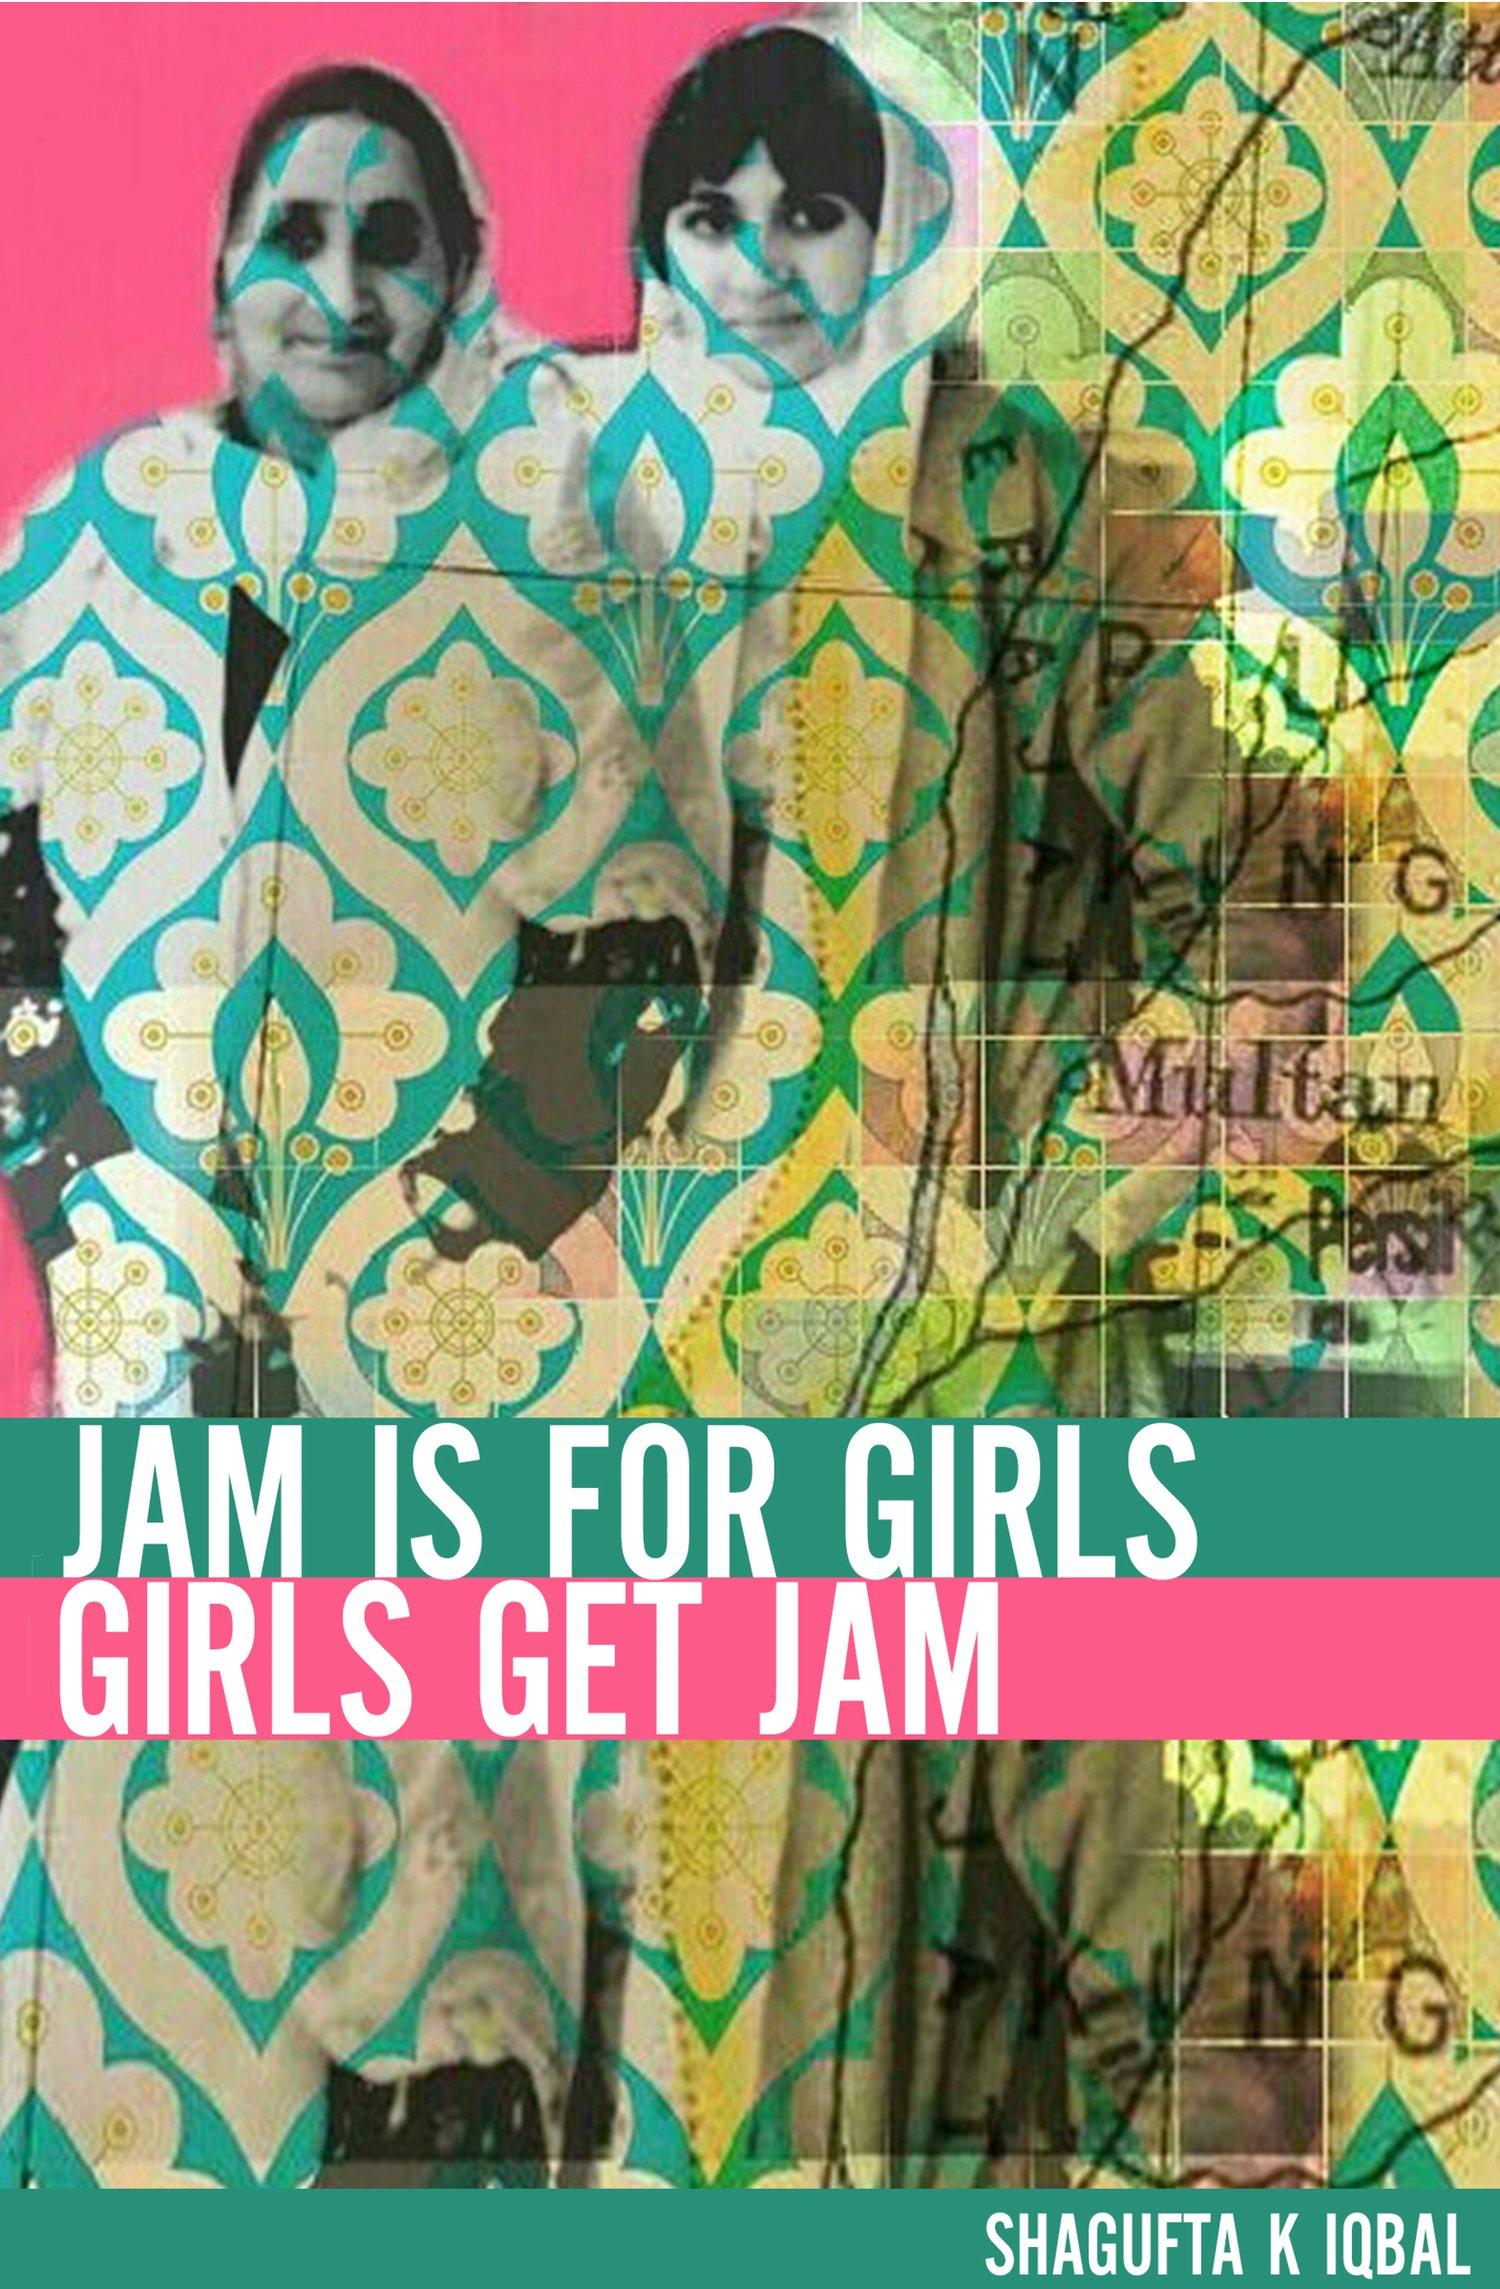 Image of Jam is for Girls by Shagufta K Iqbal